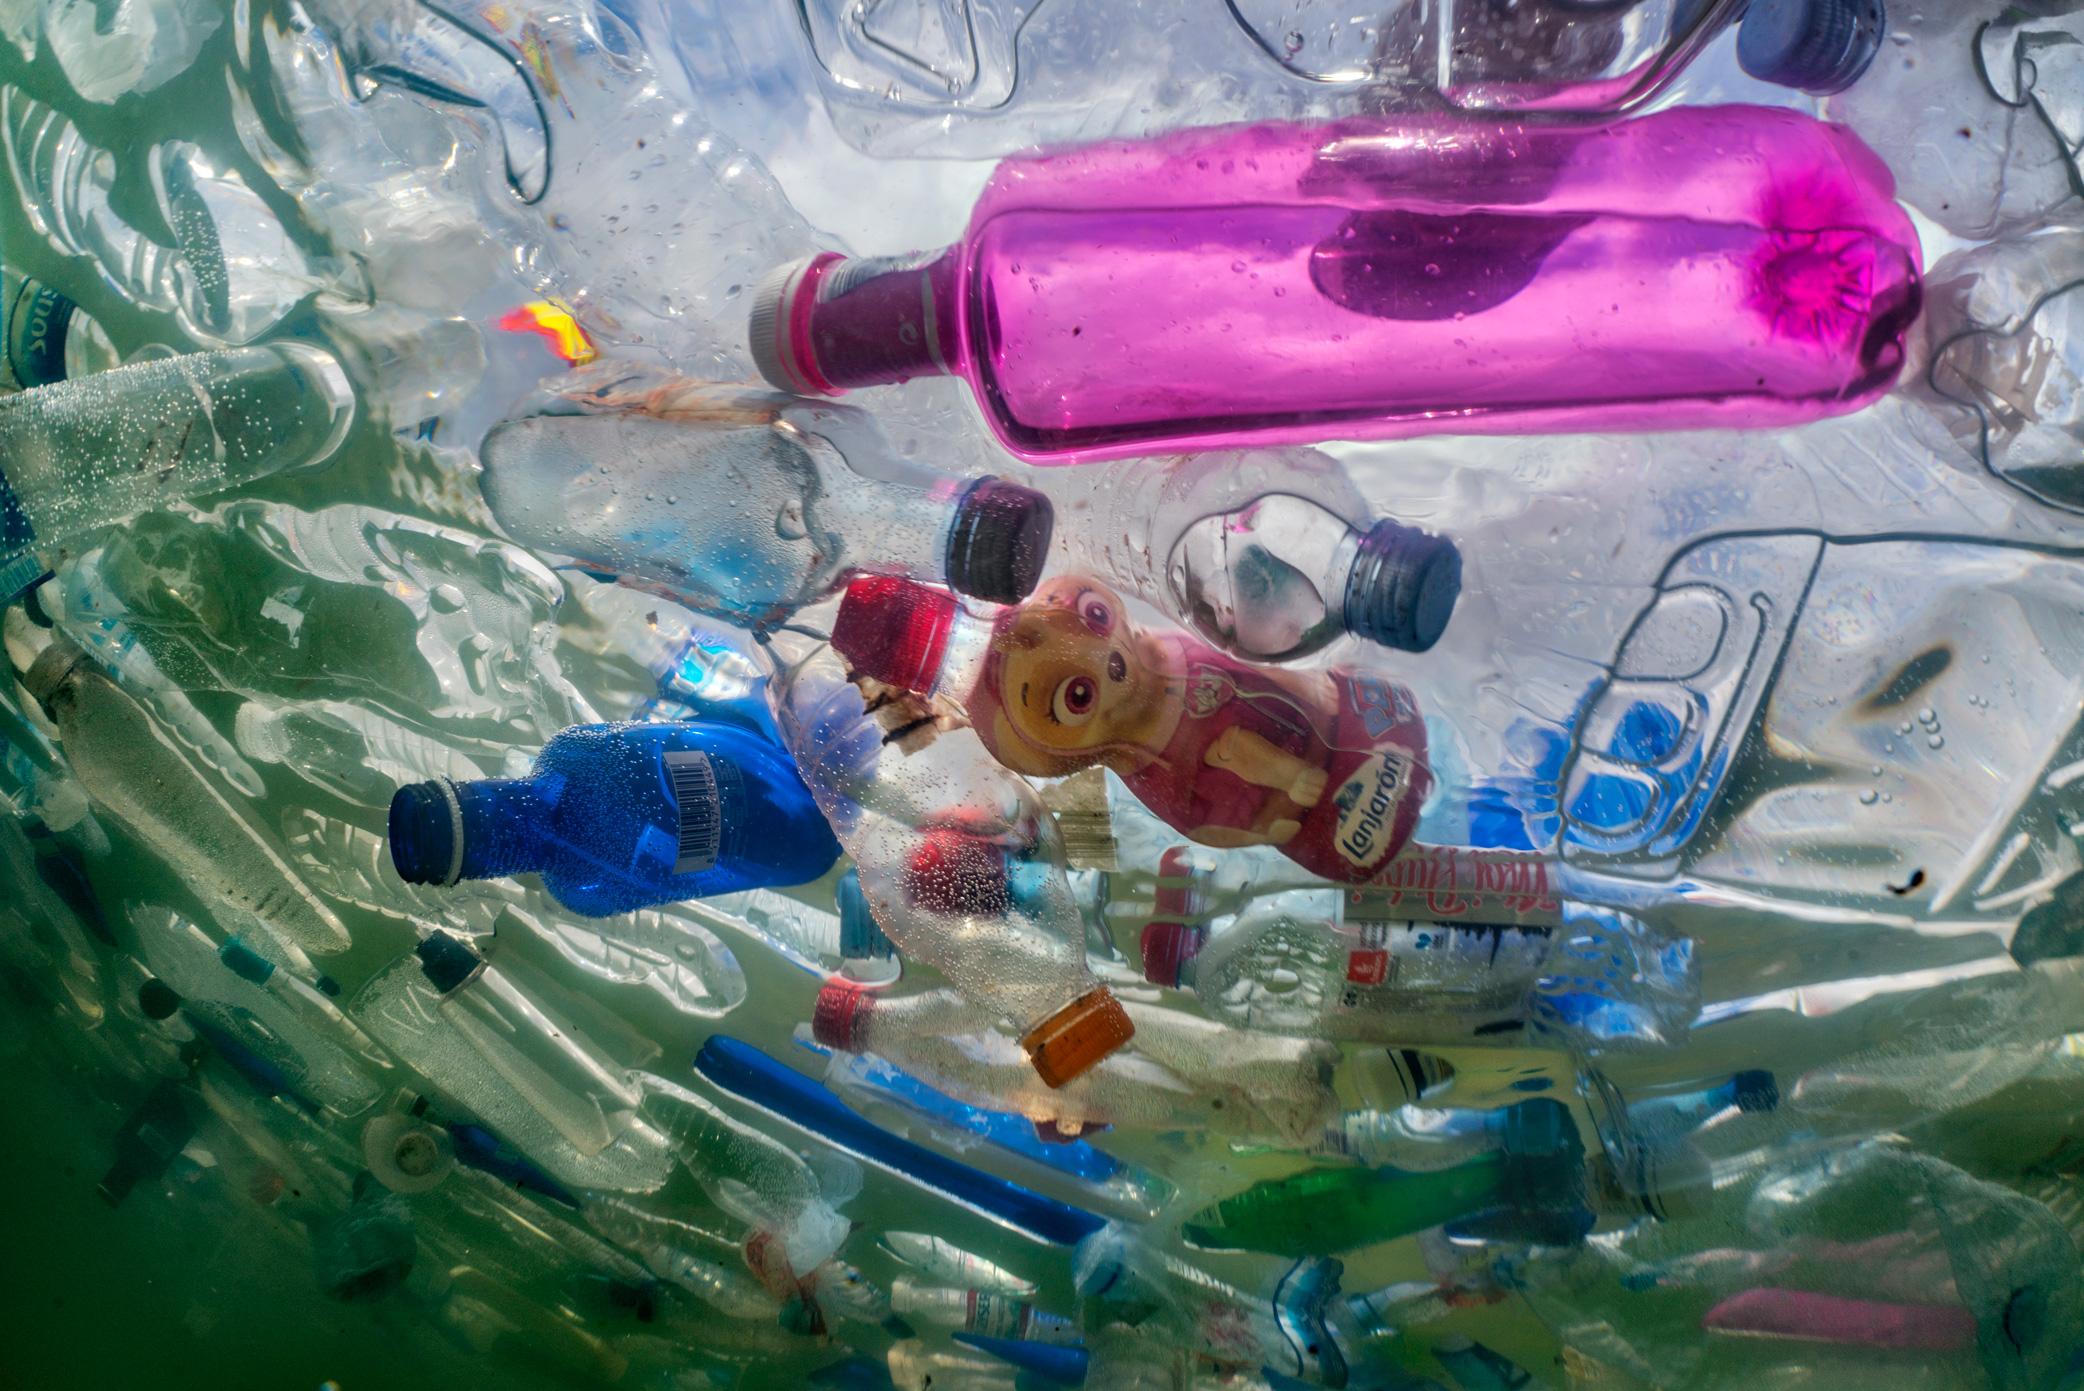 الحرب ضد المواد البلاستيكية تشتت انتباهنا عن تلوث غير مرئي - الخوف من احتمالية تجاهل الوضع البيئي بسبب الإجراءات سهلة التنفيذ ضد التلوث بالمواد البلاستيكية